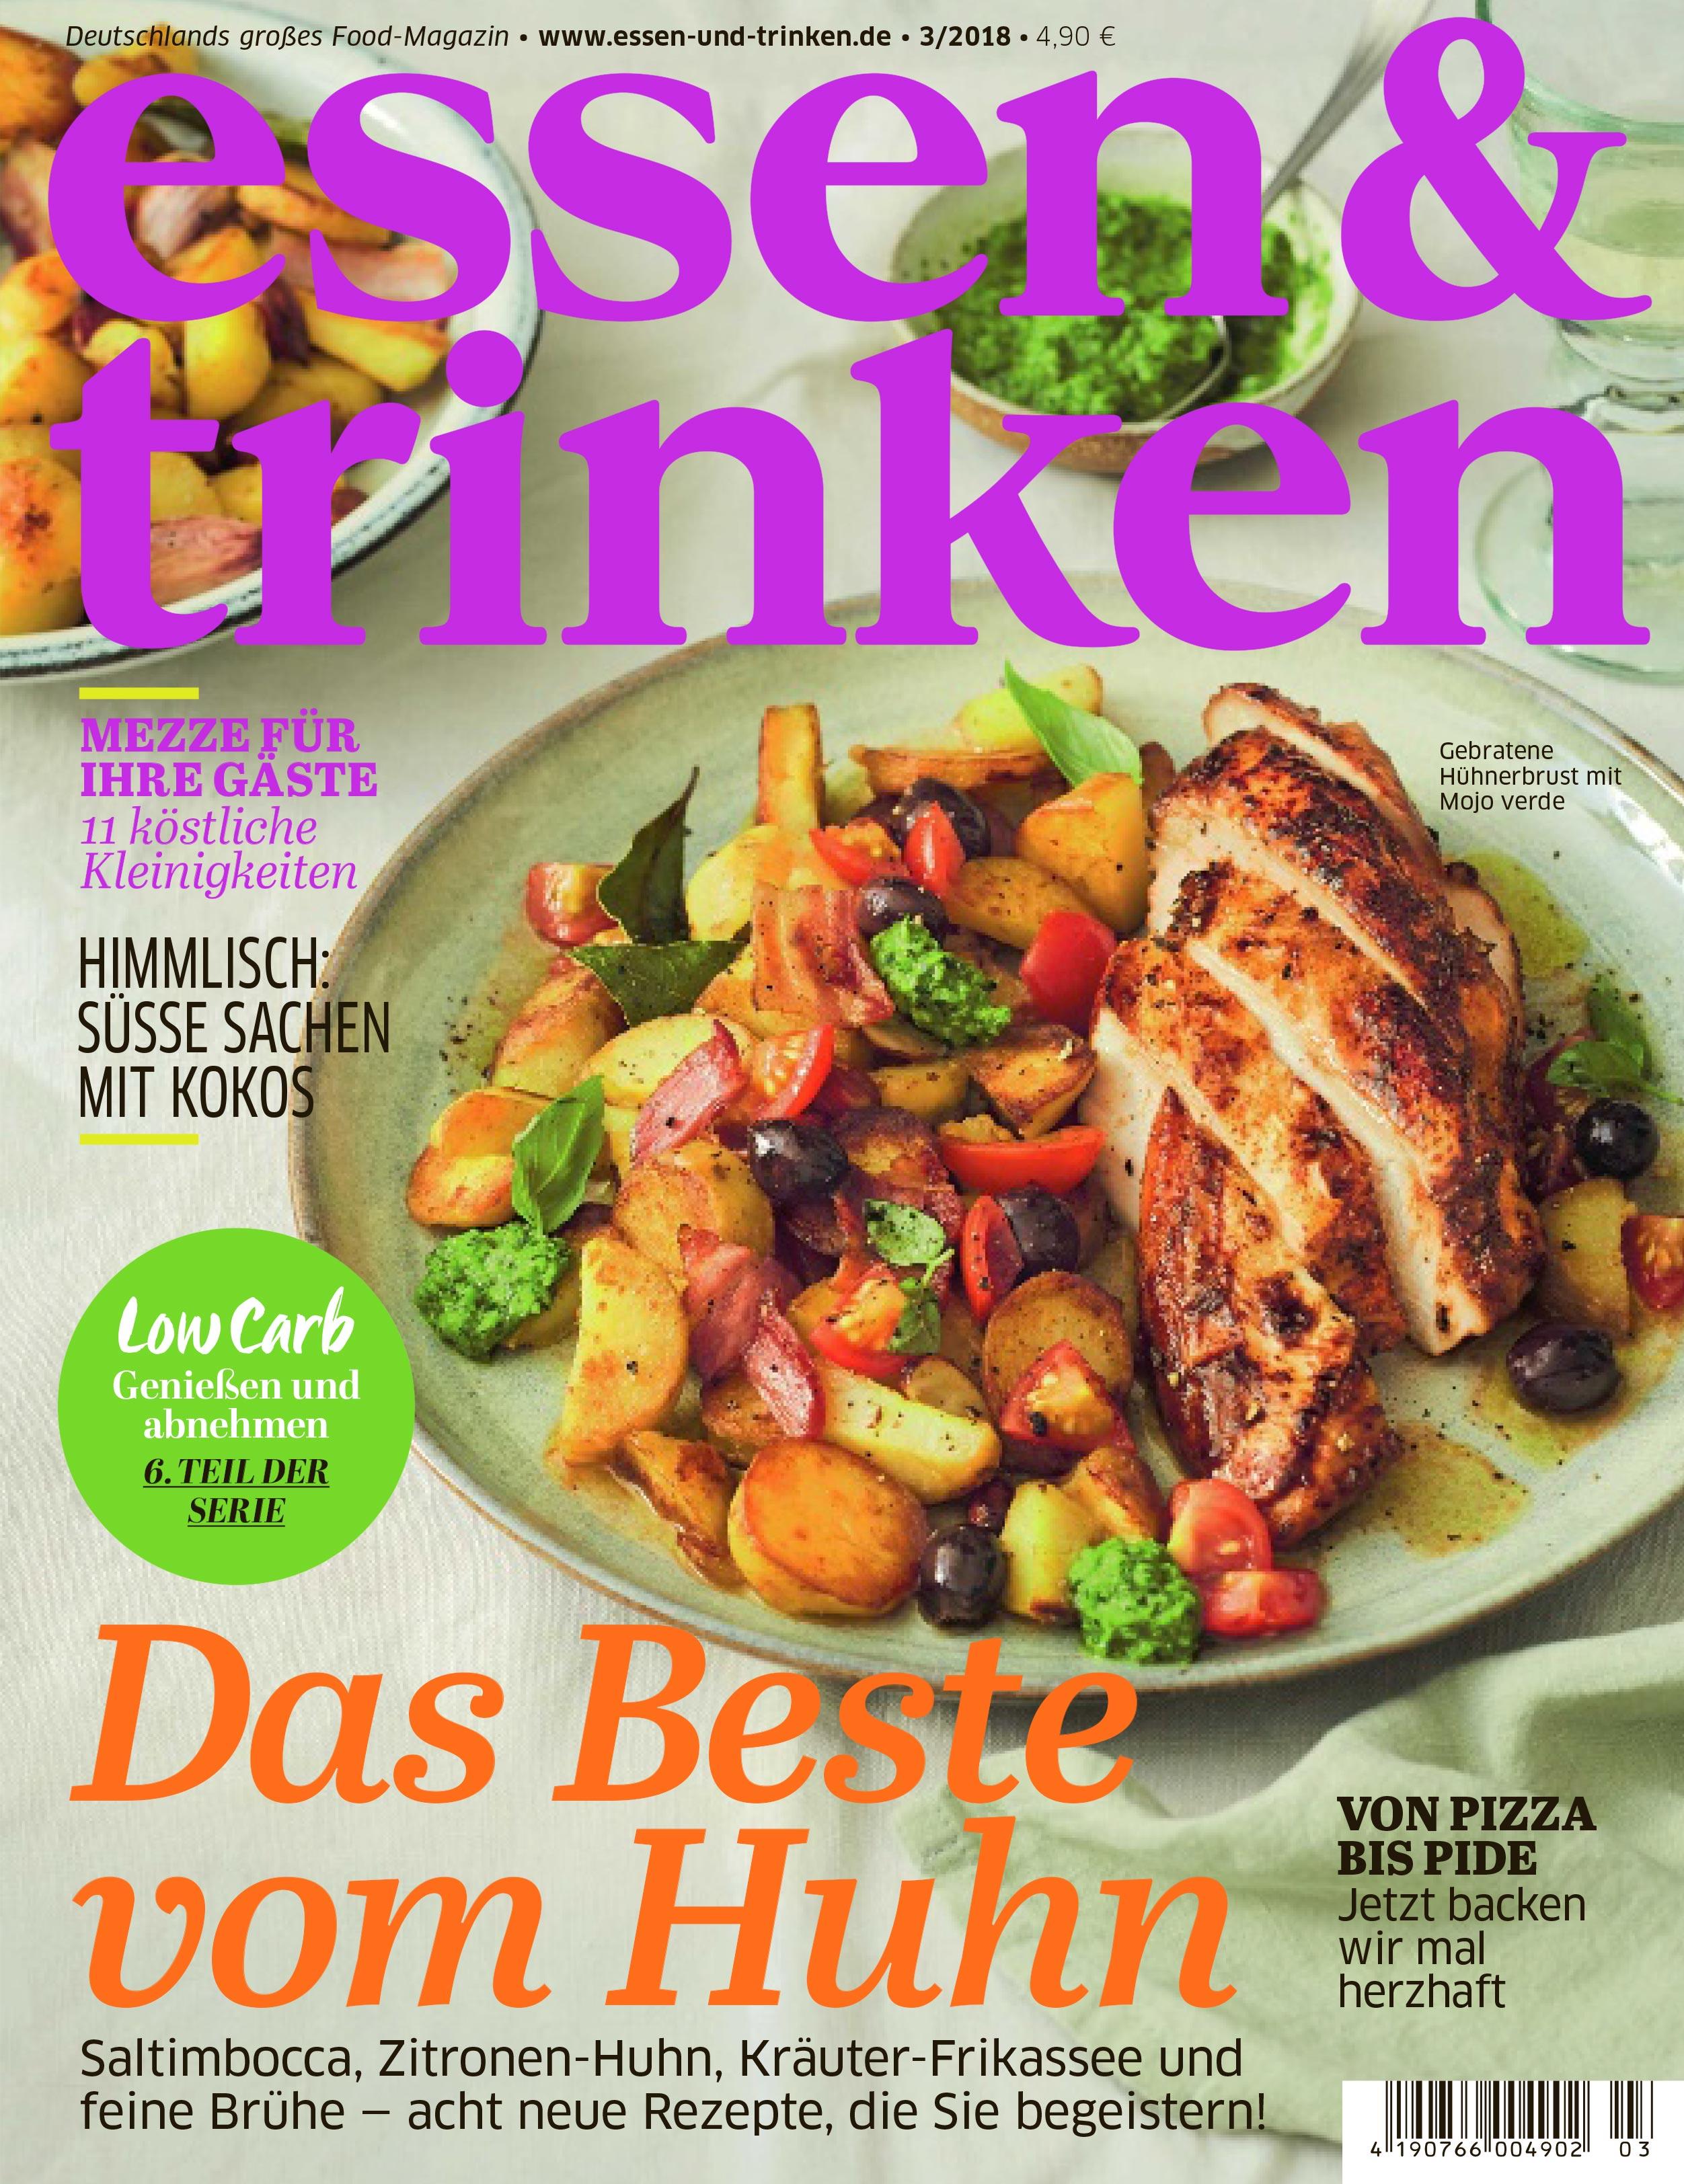 Essen&Trinken 0318